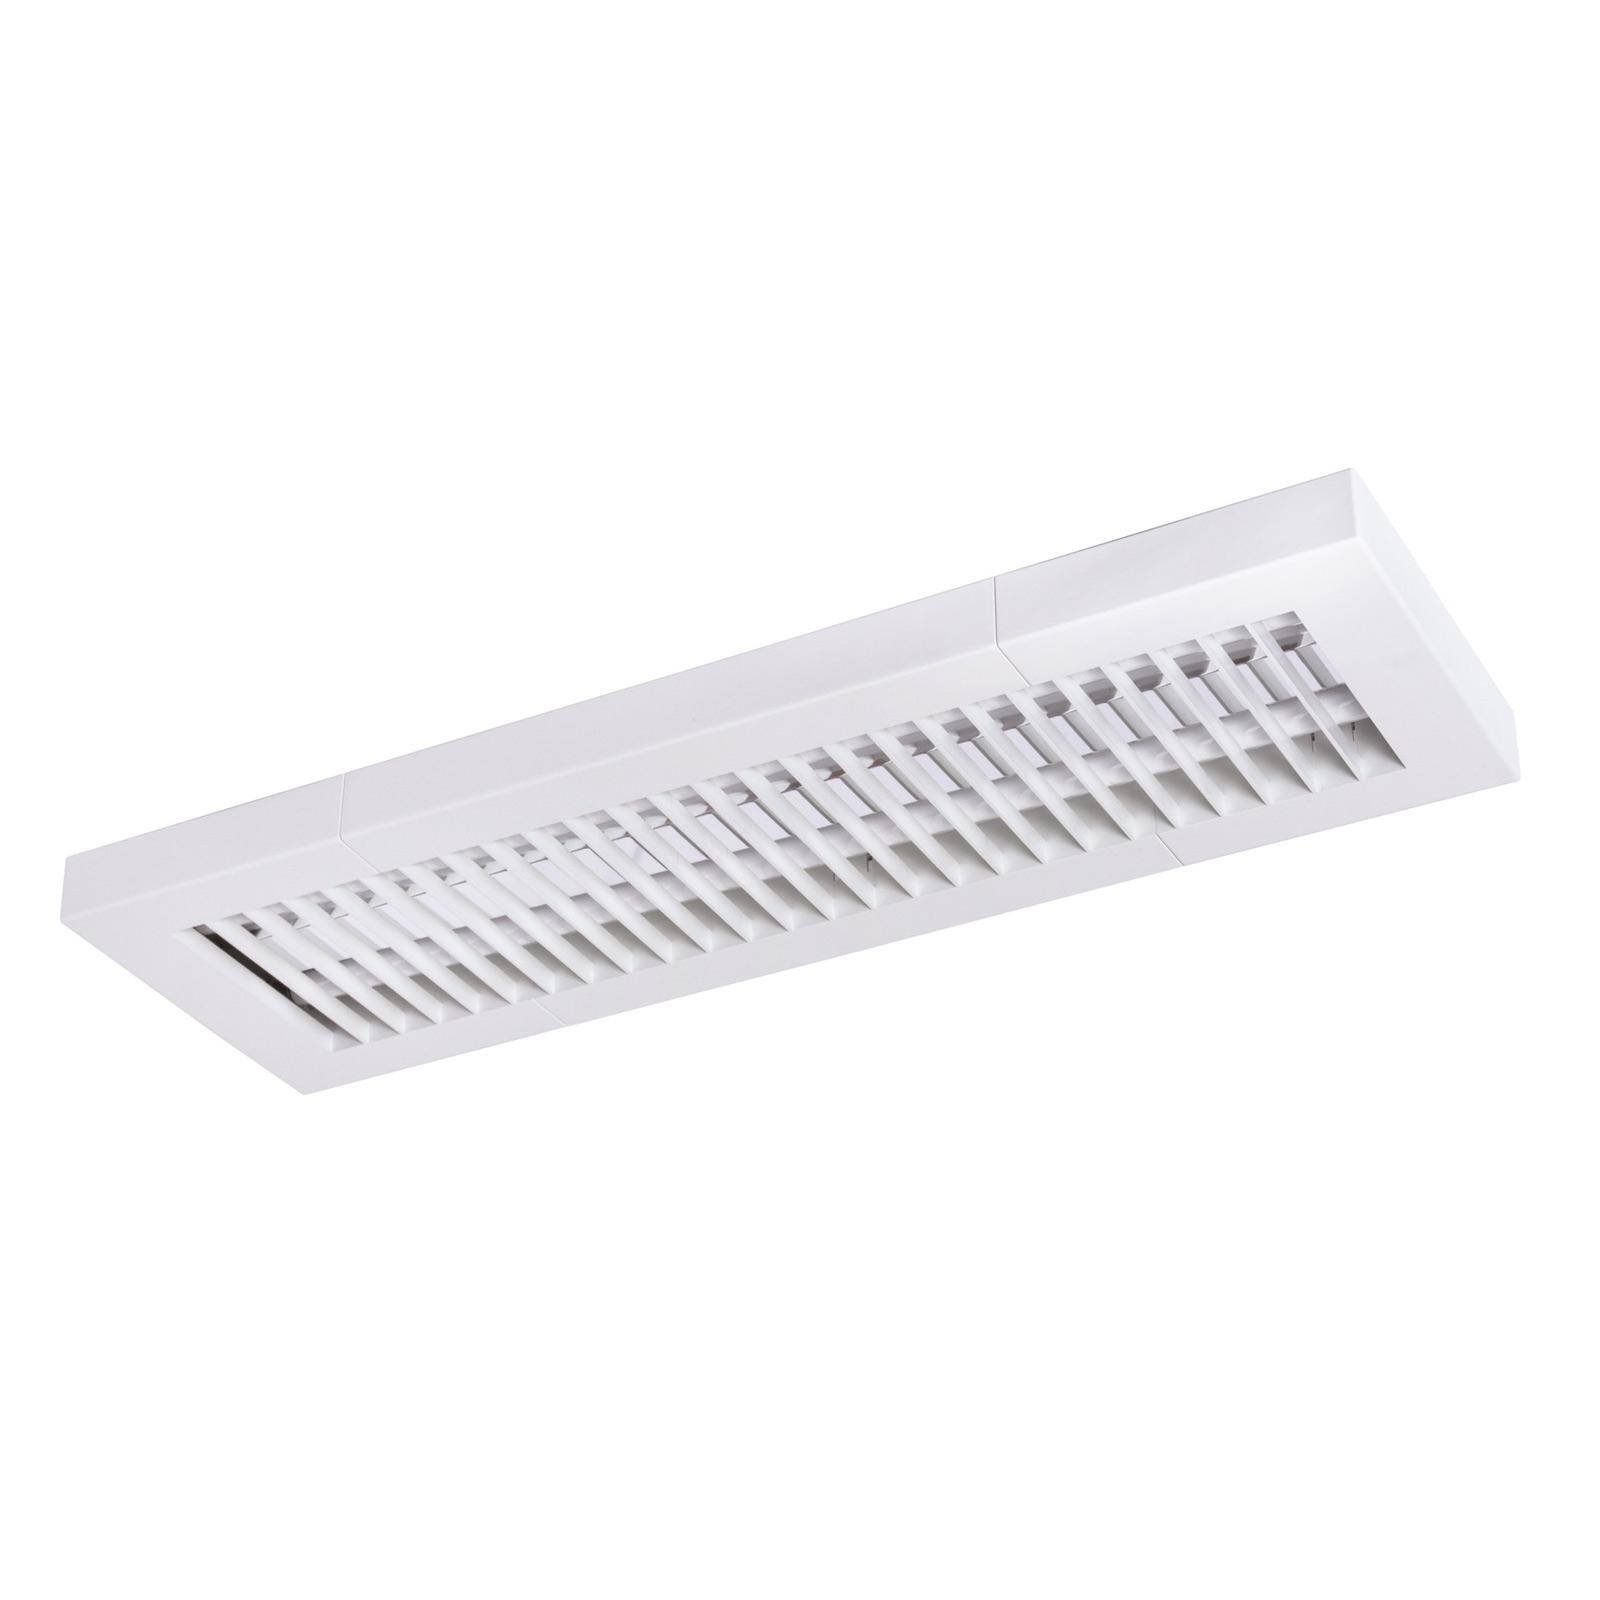 Lampa sufitowa LED Memo DIM 60 światło dzienne